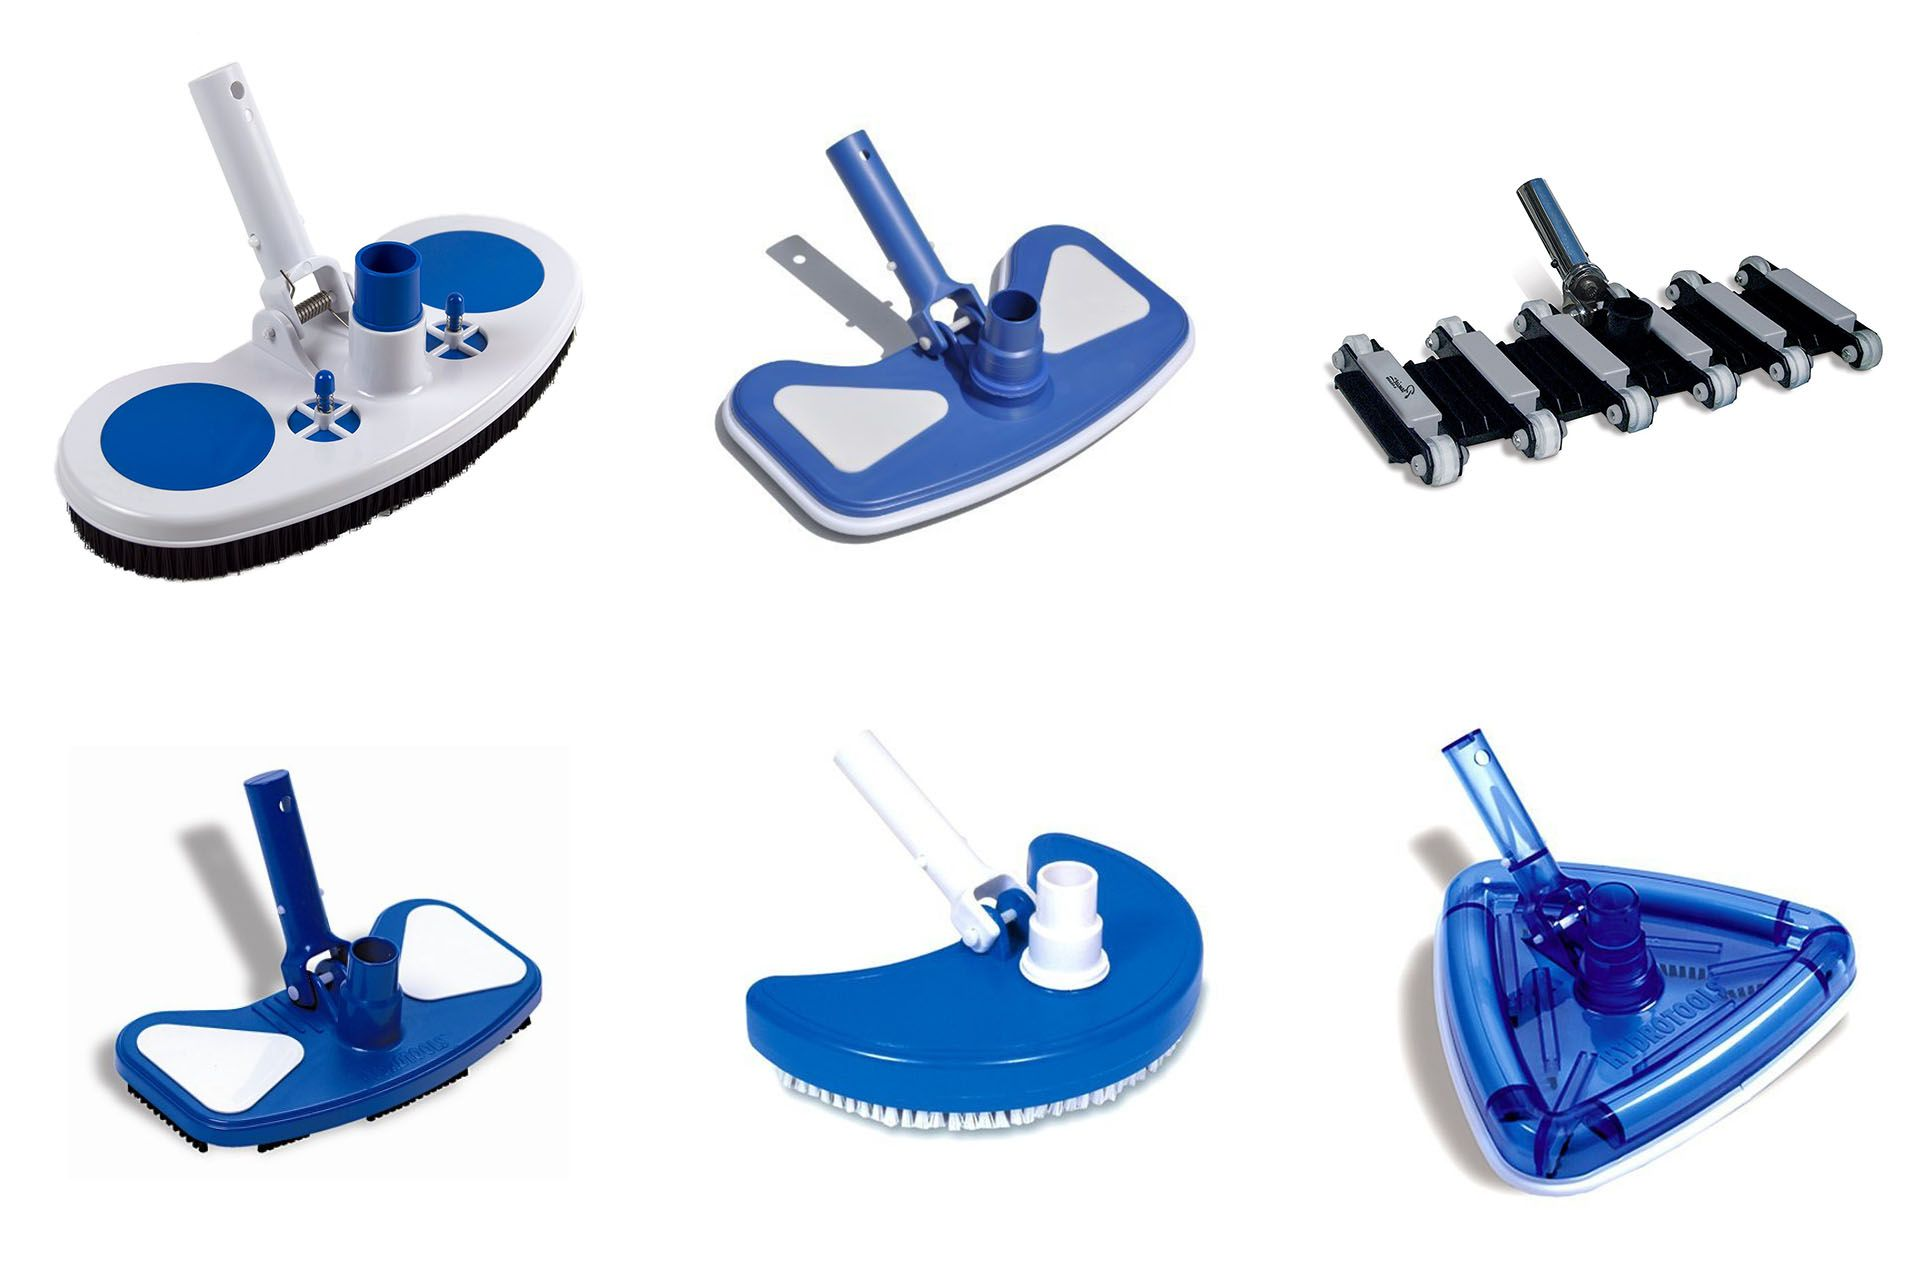 Top 7 Best Pool VACUUM Heads (Manual Vacuum Cleaners